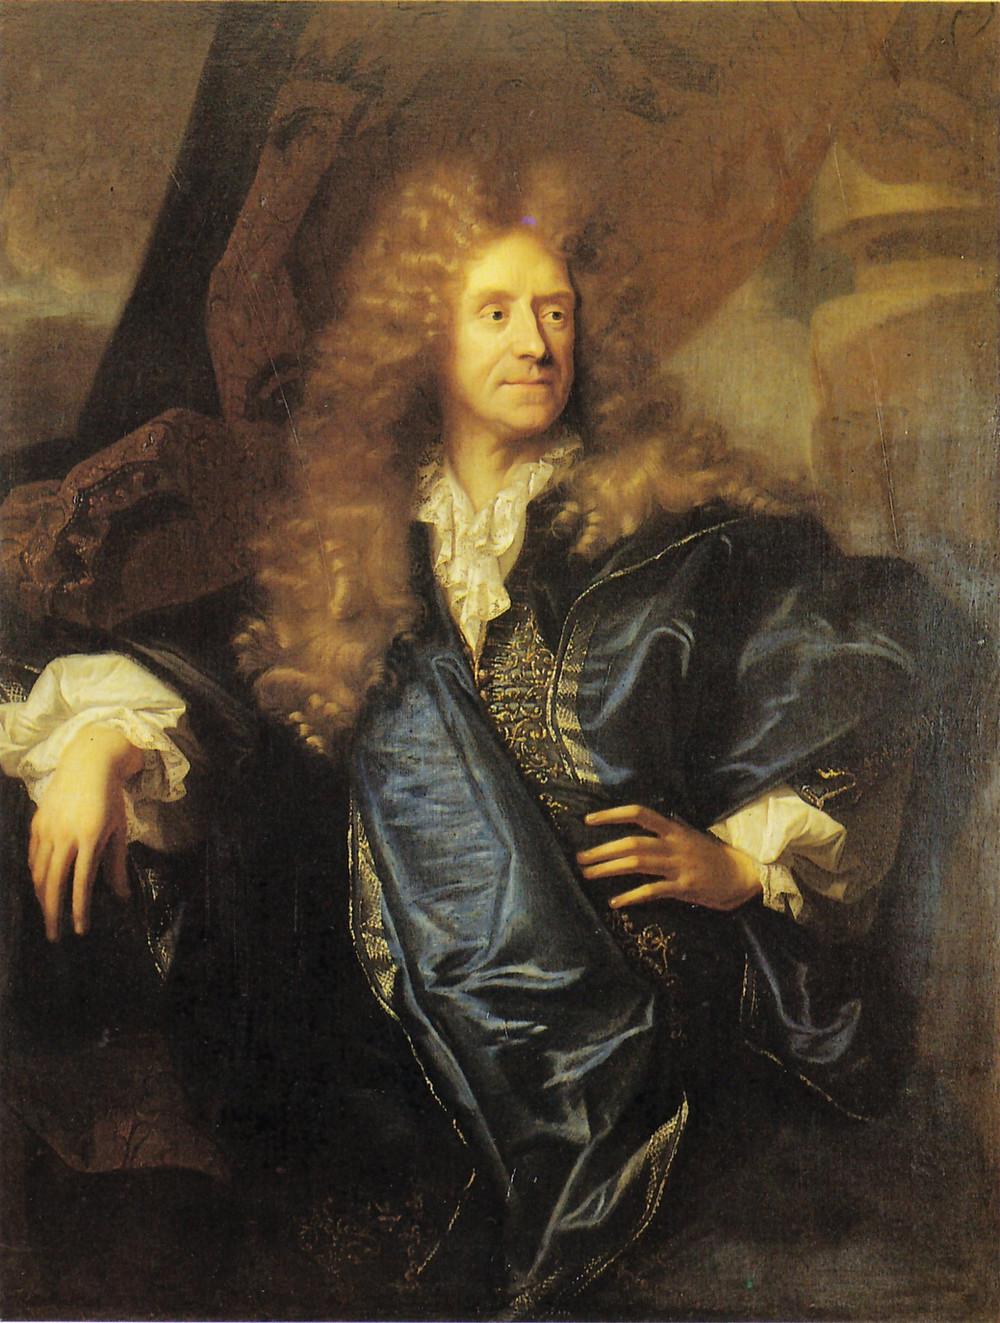 Hyacinthe Rigaud, Portrait de Maximilien Titon, 1688, collection particulière